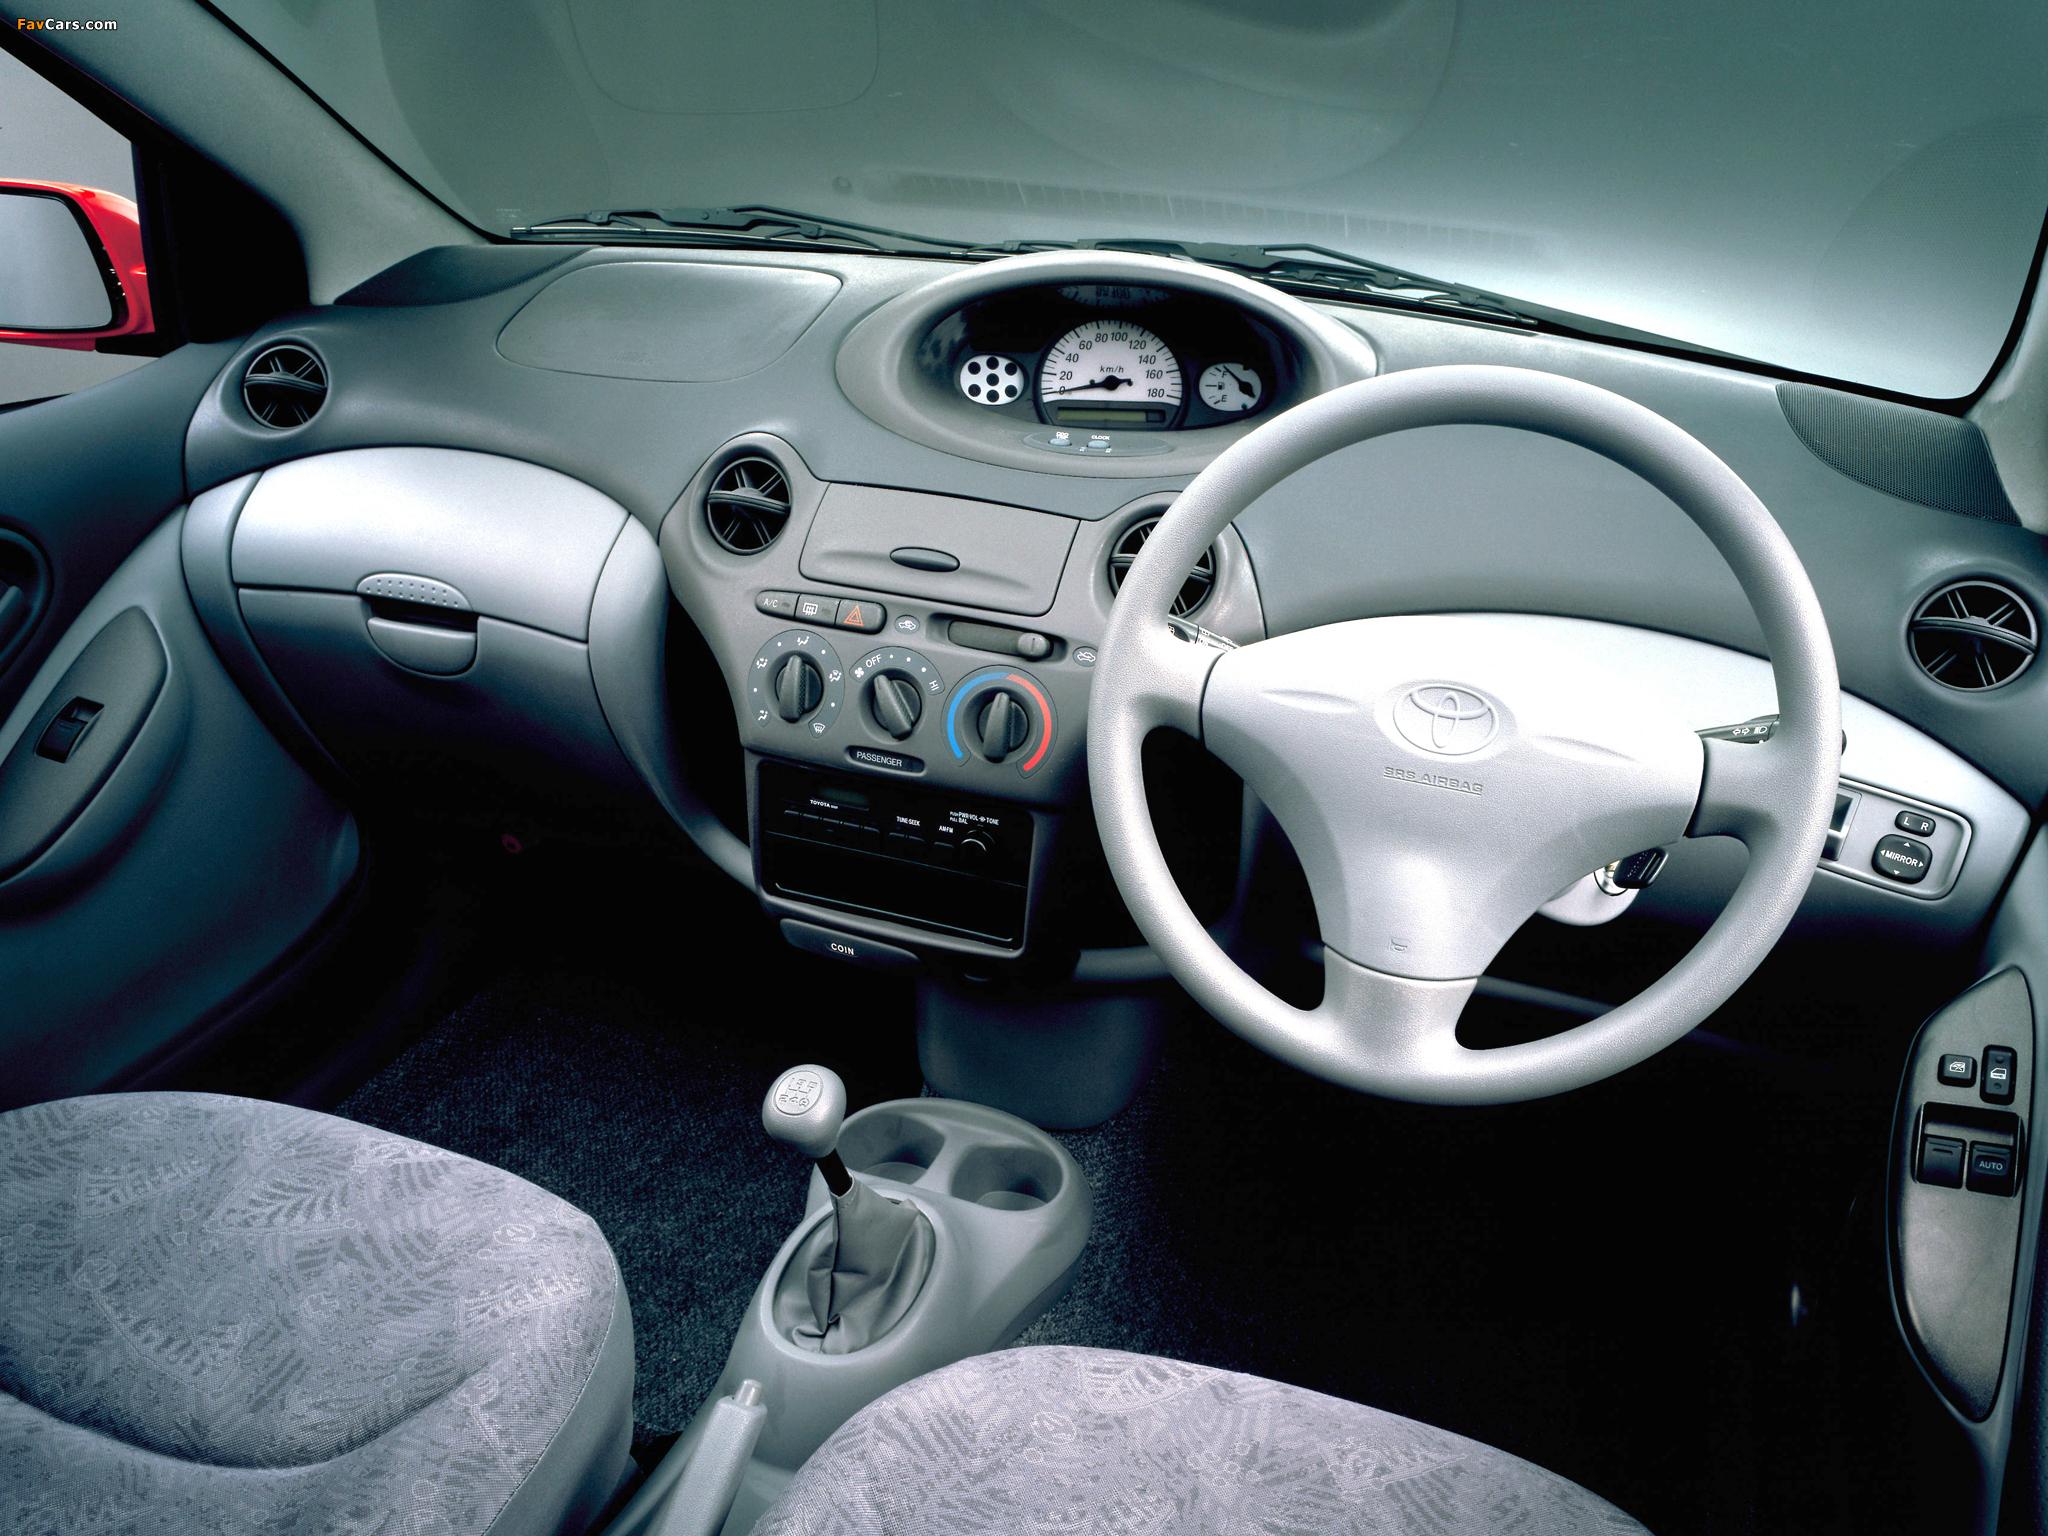 Toyota Vitz 3 Door 1999 2001 Images 2048x1536